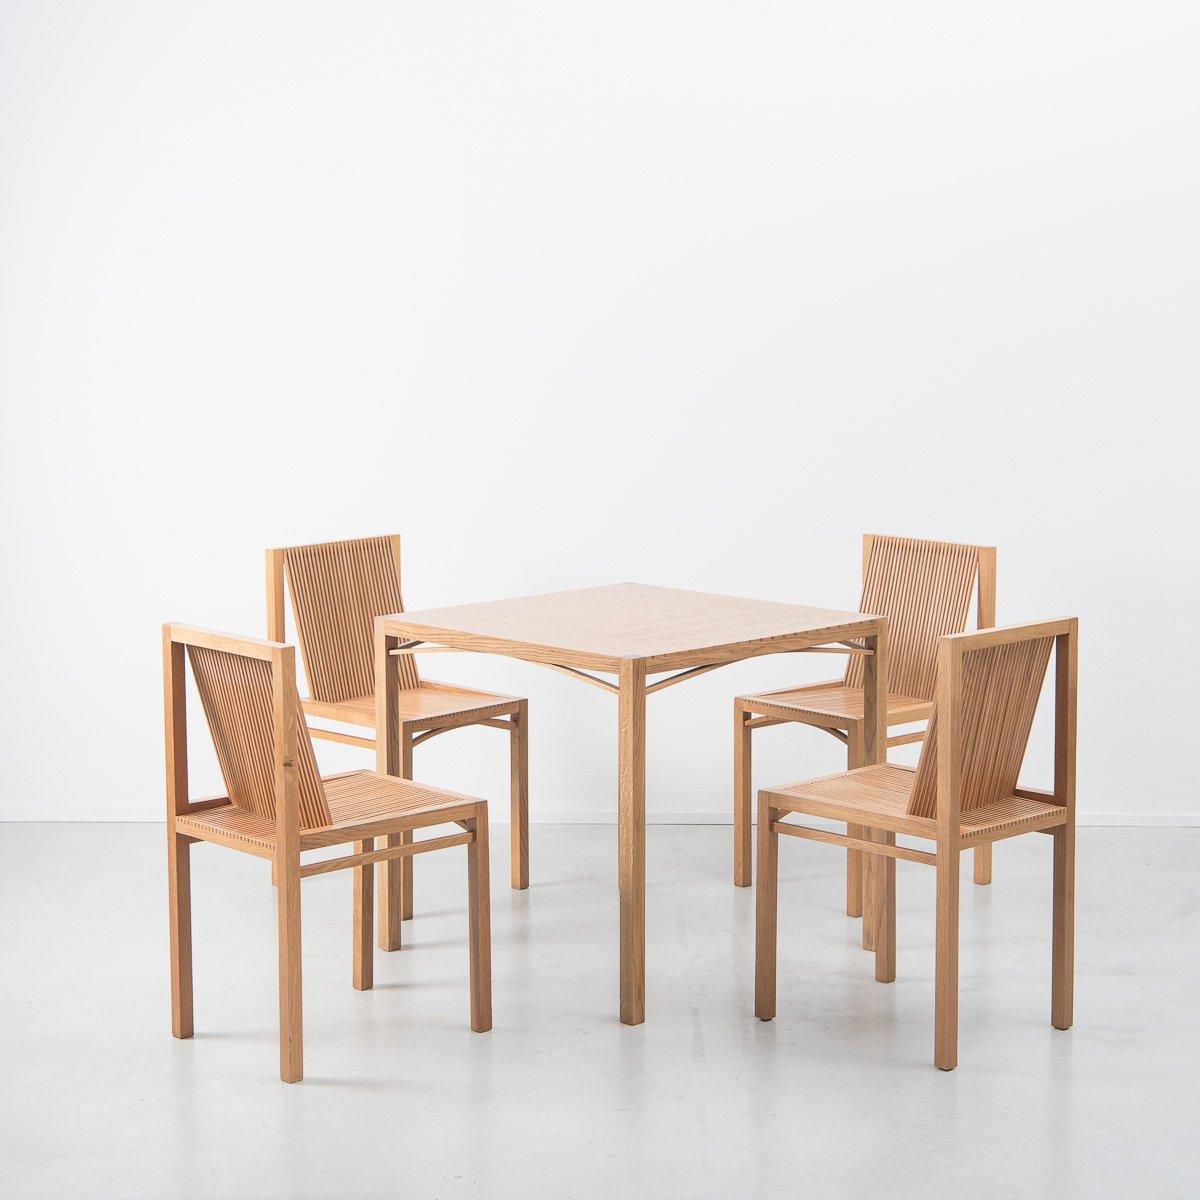 Niederländischer Esstisch & Stühle von Ruud Jan Kokke Latjes, 1984